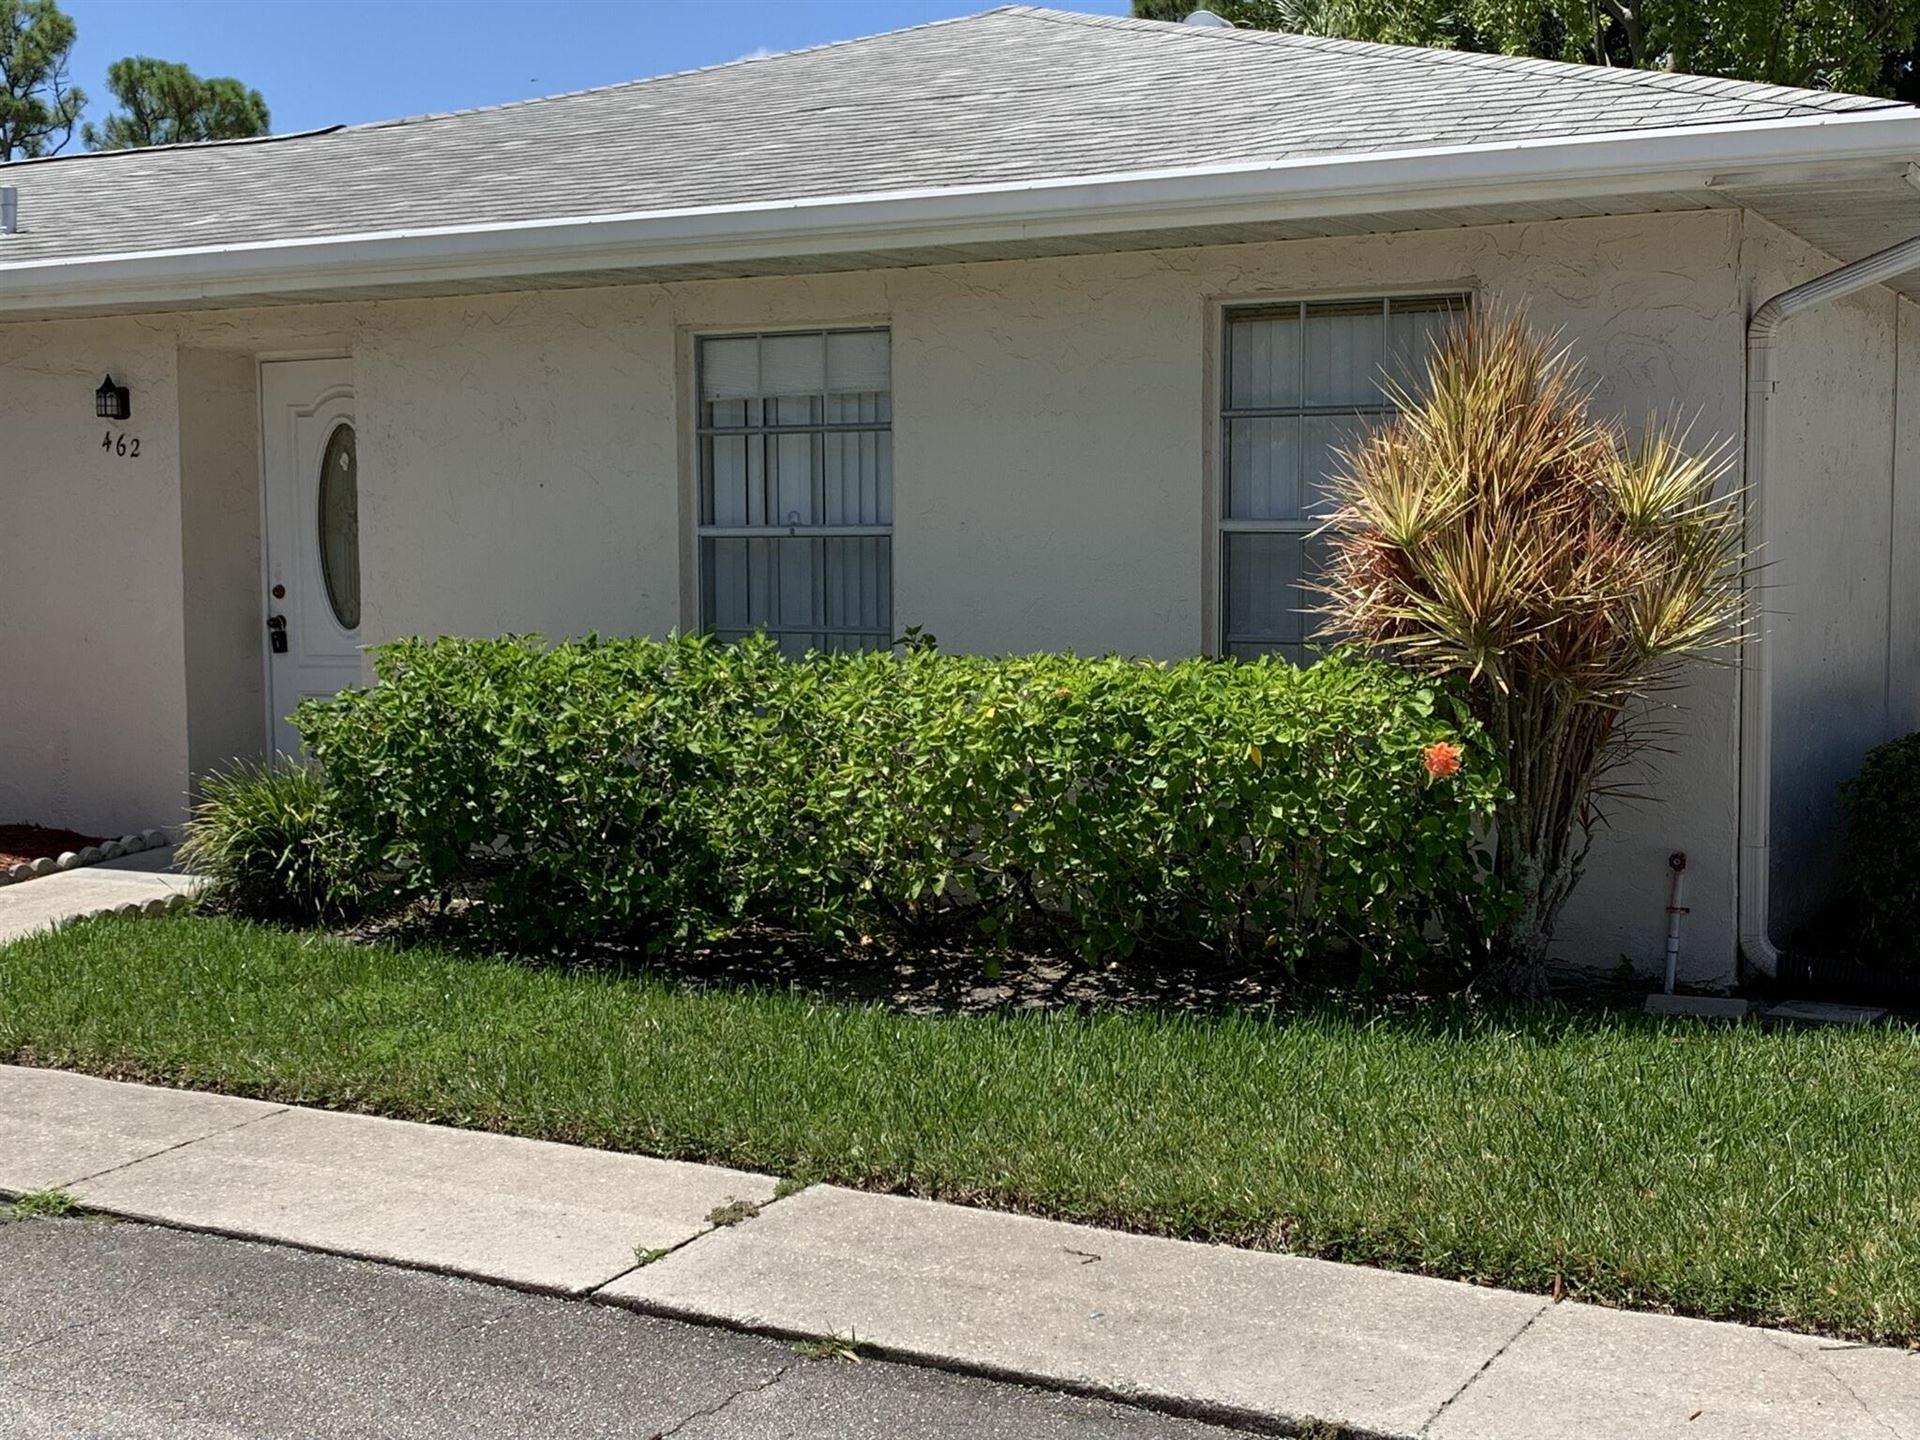 462 Holyoke Lane #462, Lake Worth, FL 33467 - #: RX-10737462